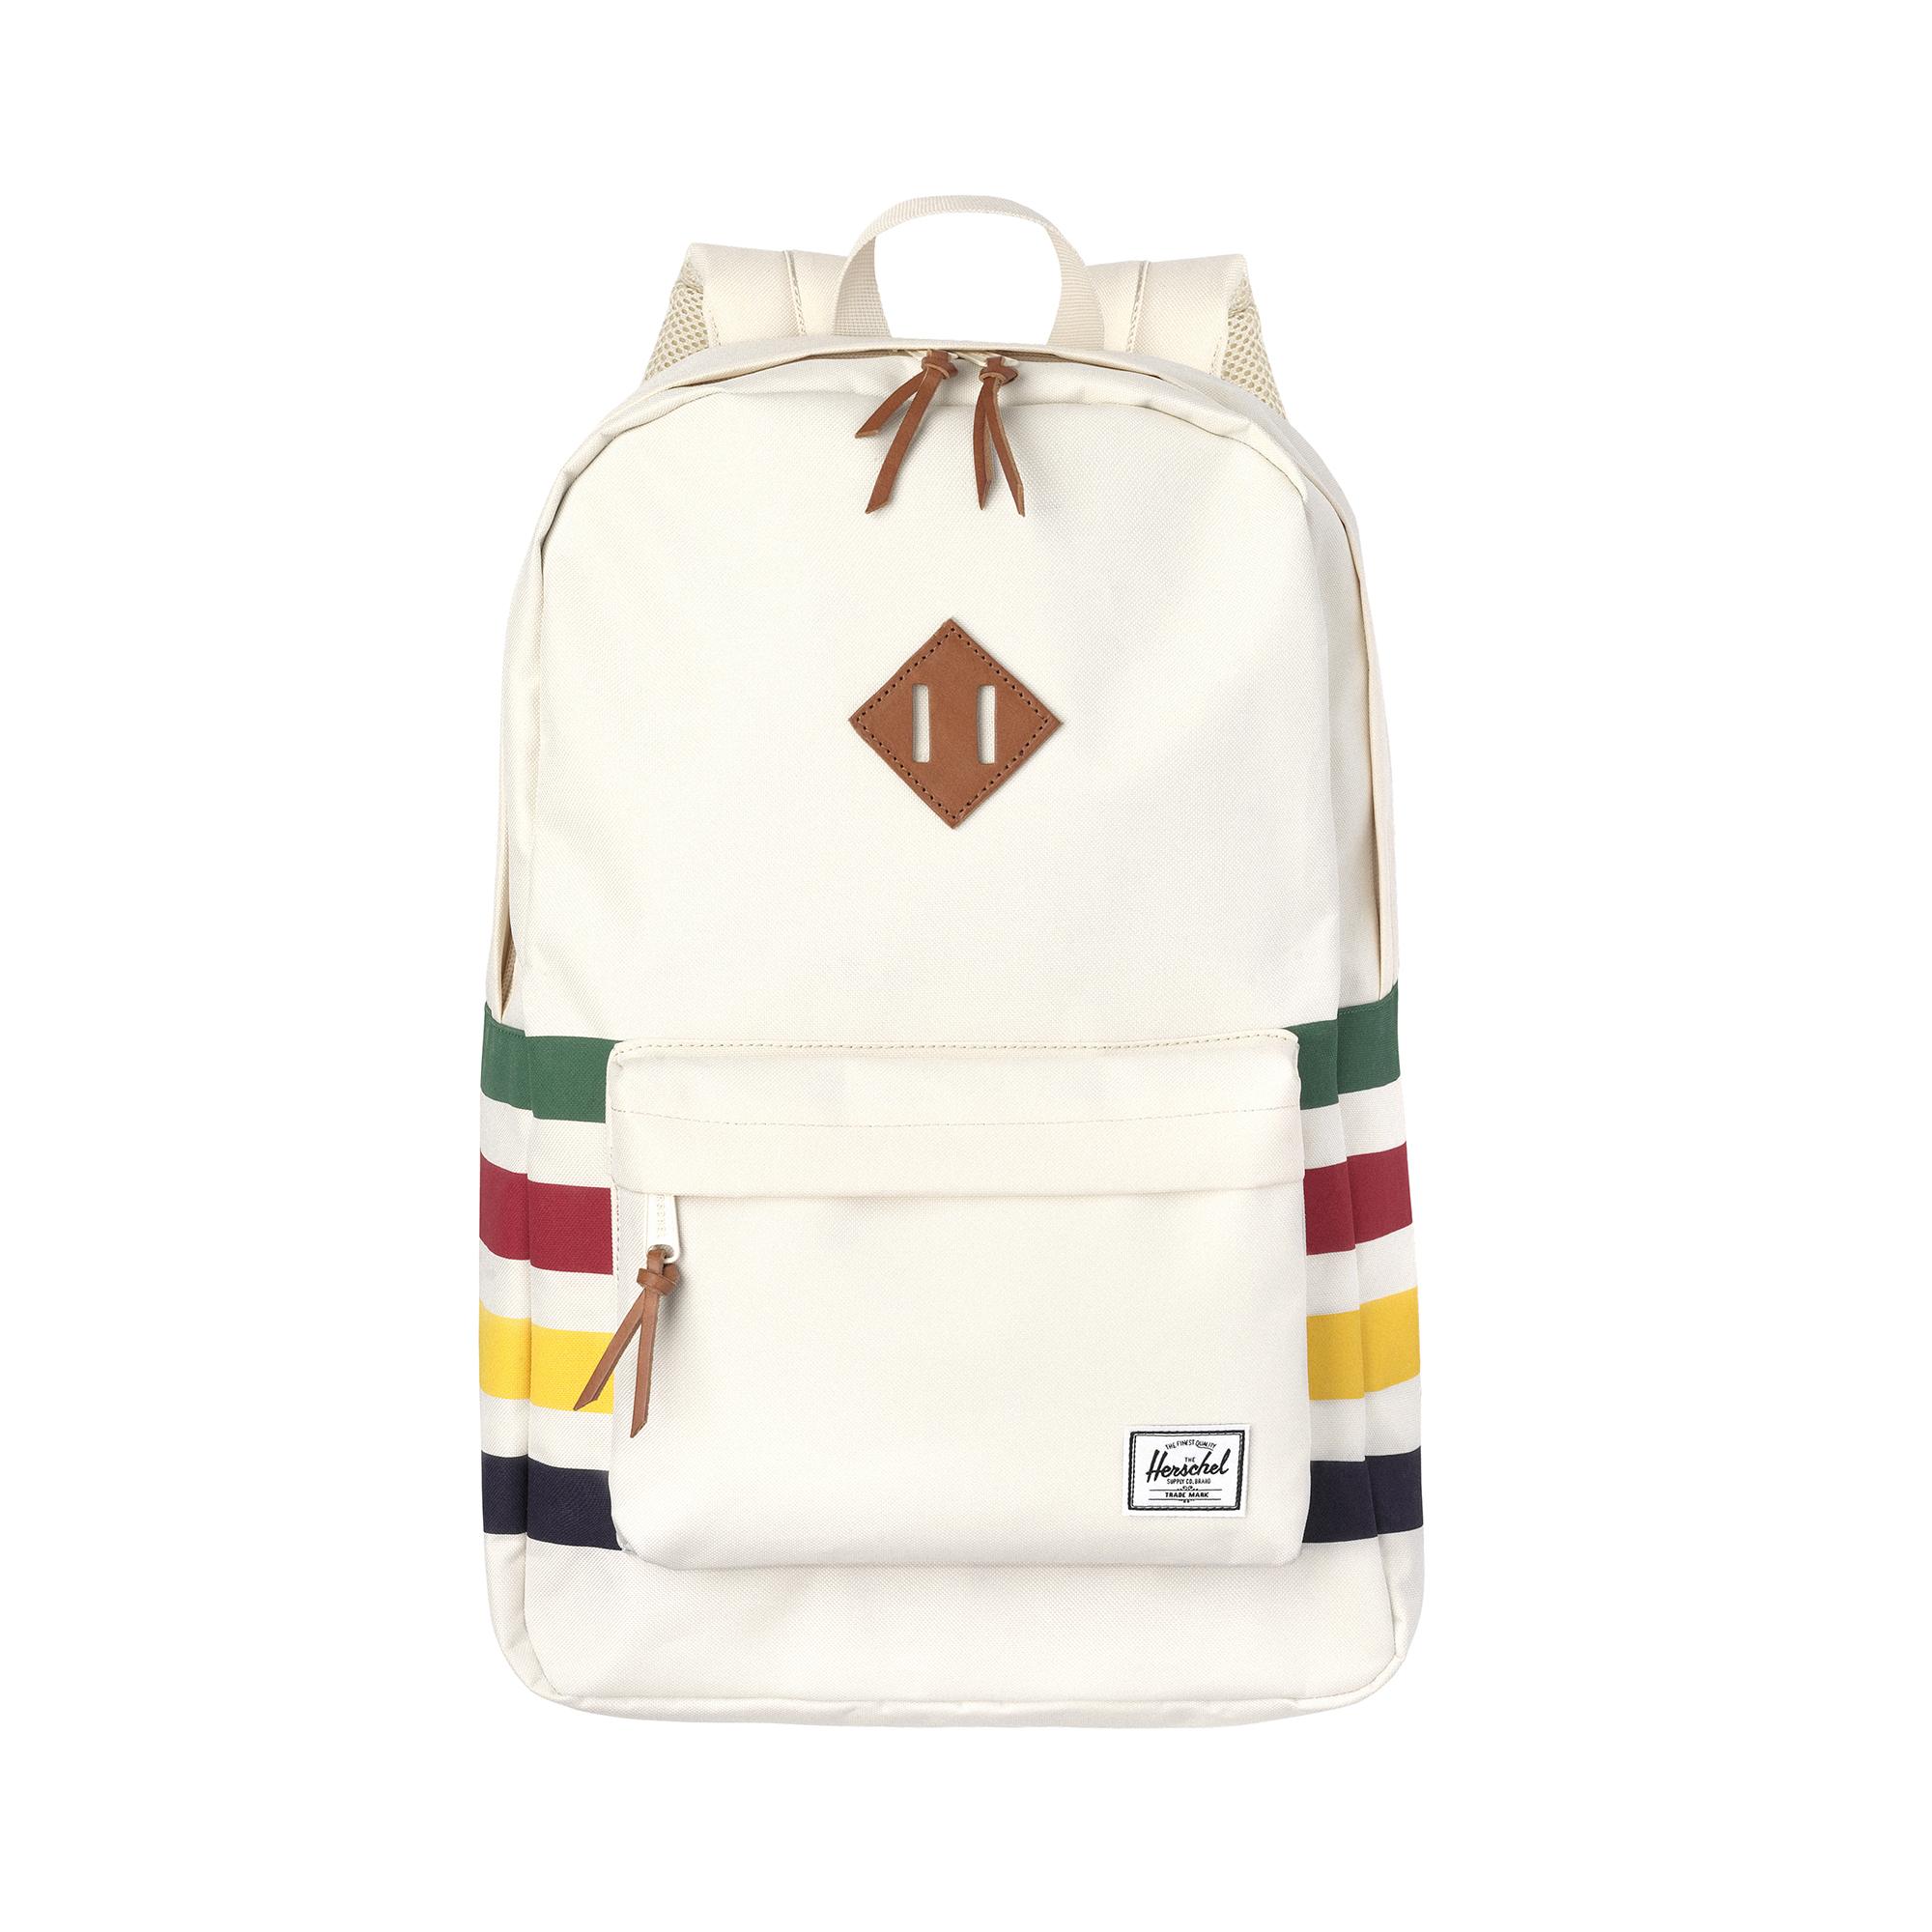 HBC-COLLECTION-x-HERSCHEL-Heritage-Backpack-80.jpg